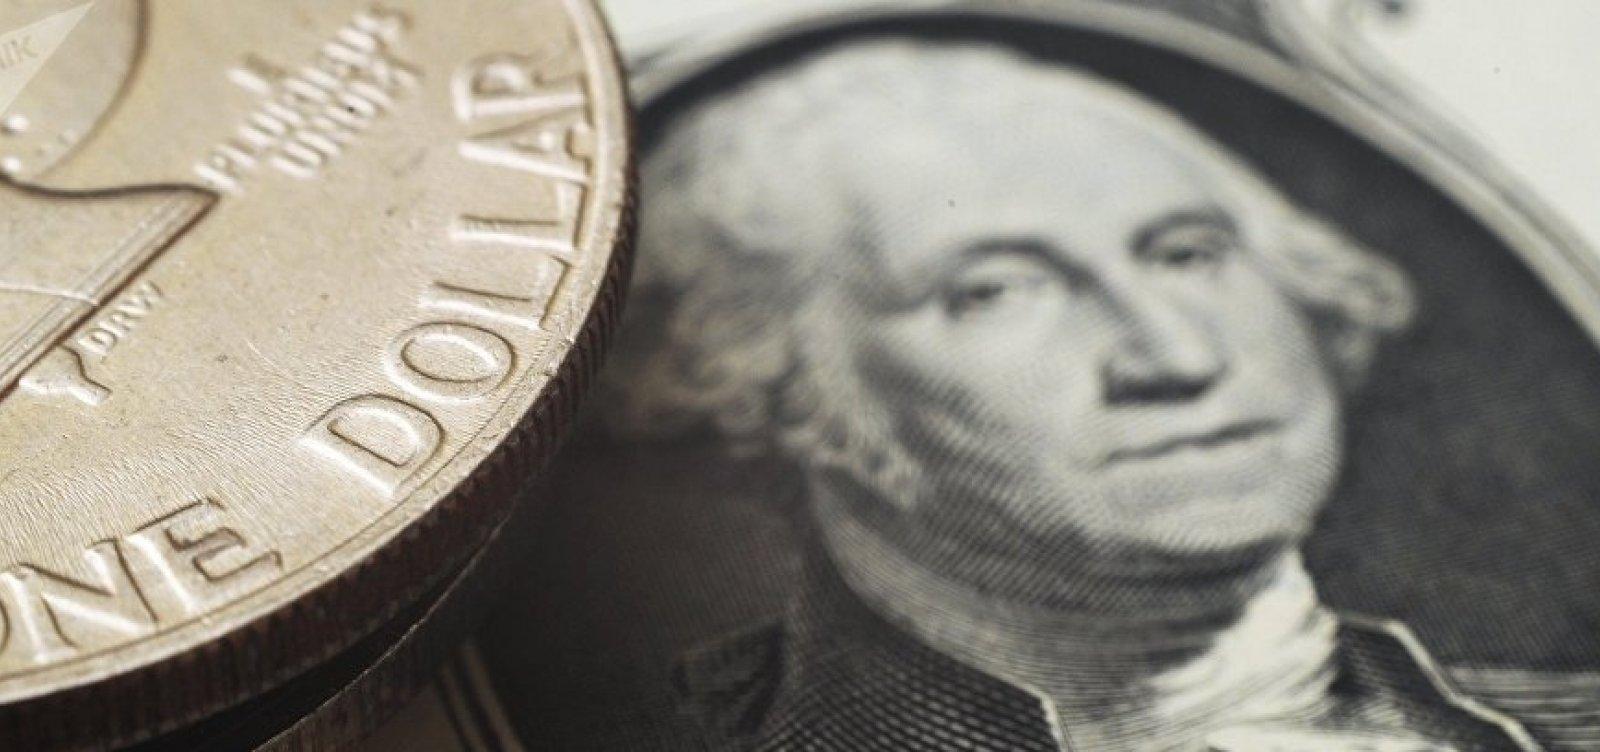 [Com impasse entre EUA e China, dólar sobe mais de 1% e bate R$ 4 ]